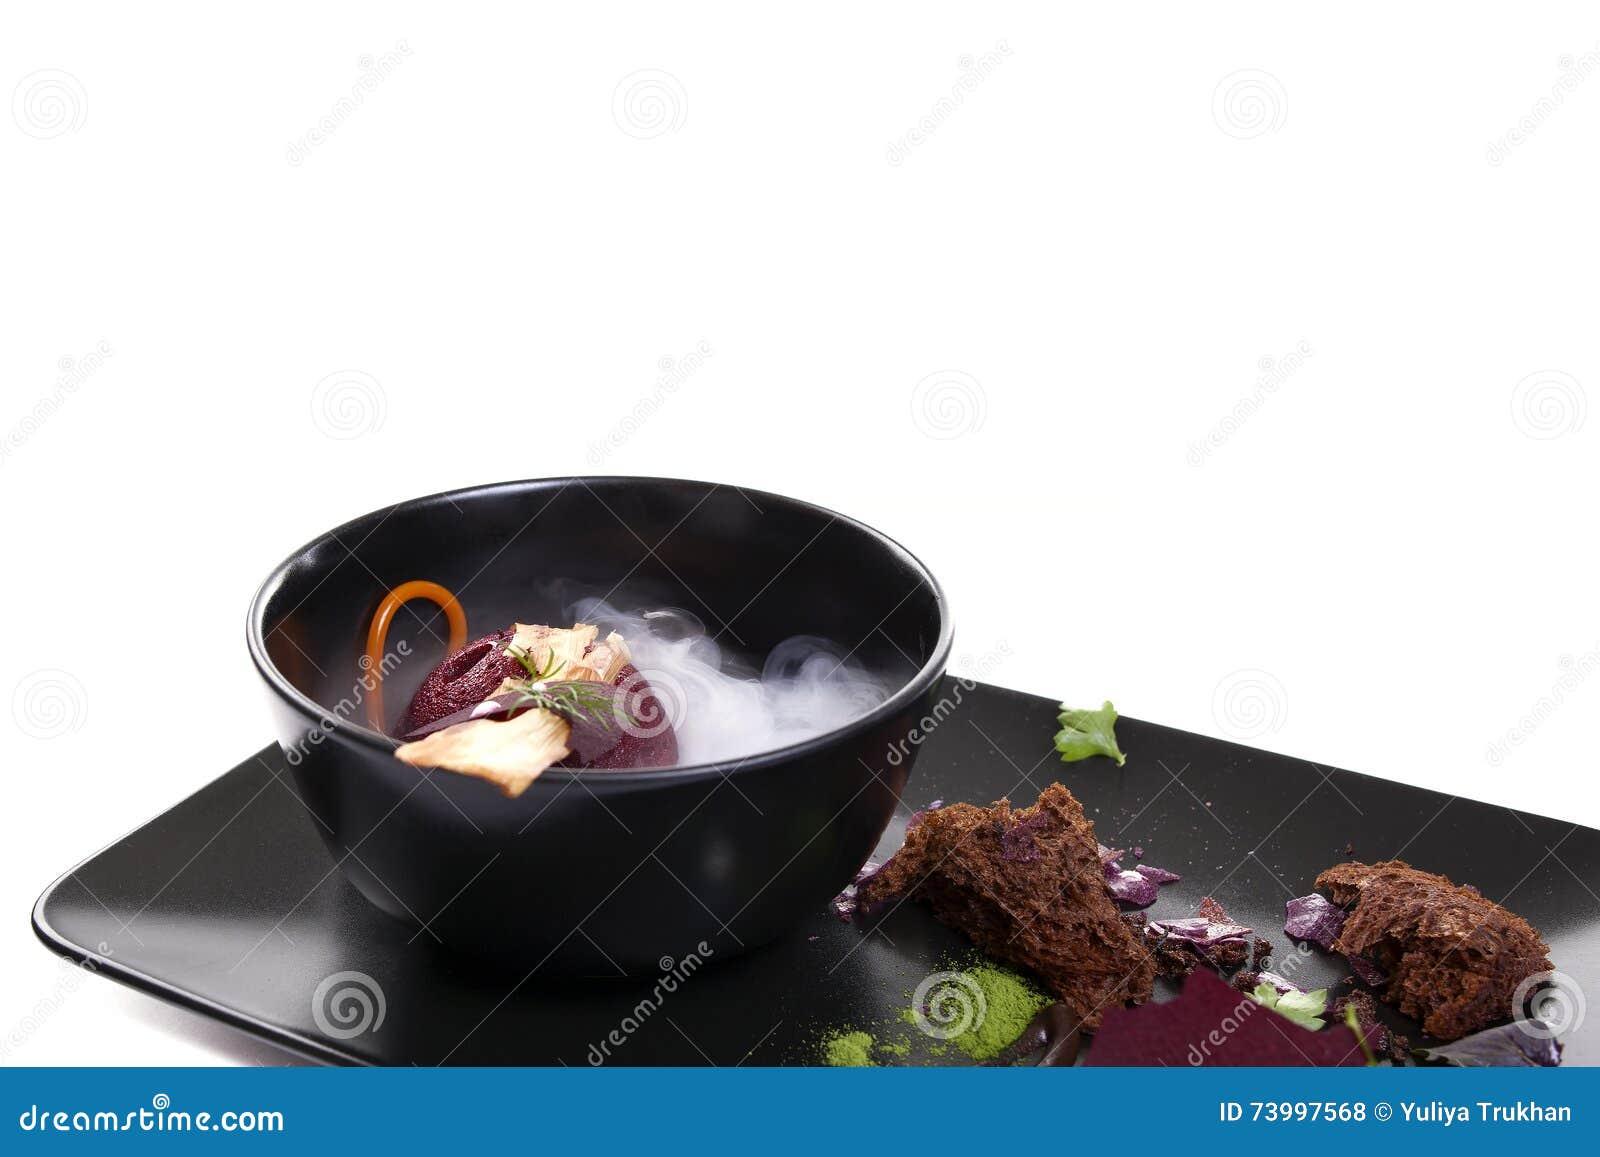 Molekulare küche köstliche suppe mit rote bete wurzeln stockfoto